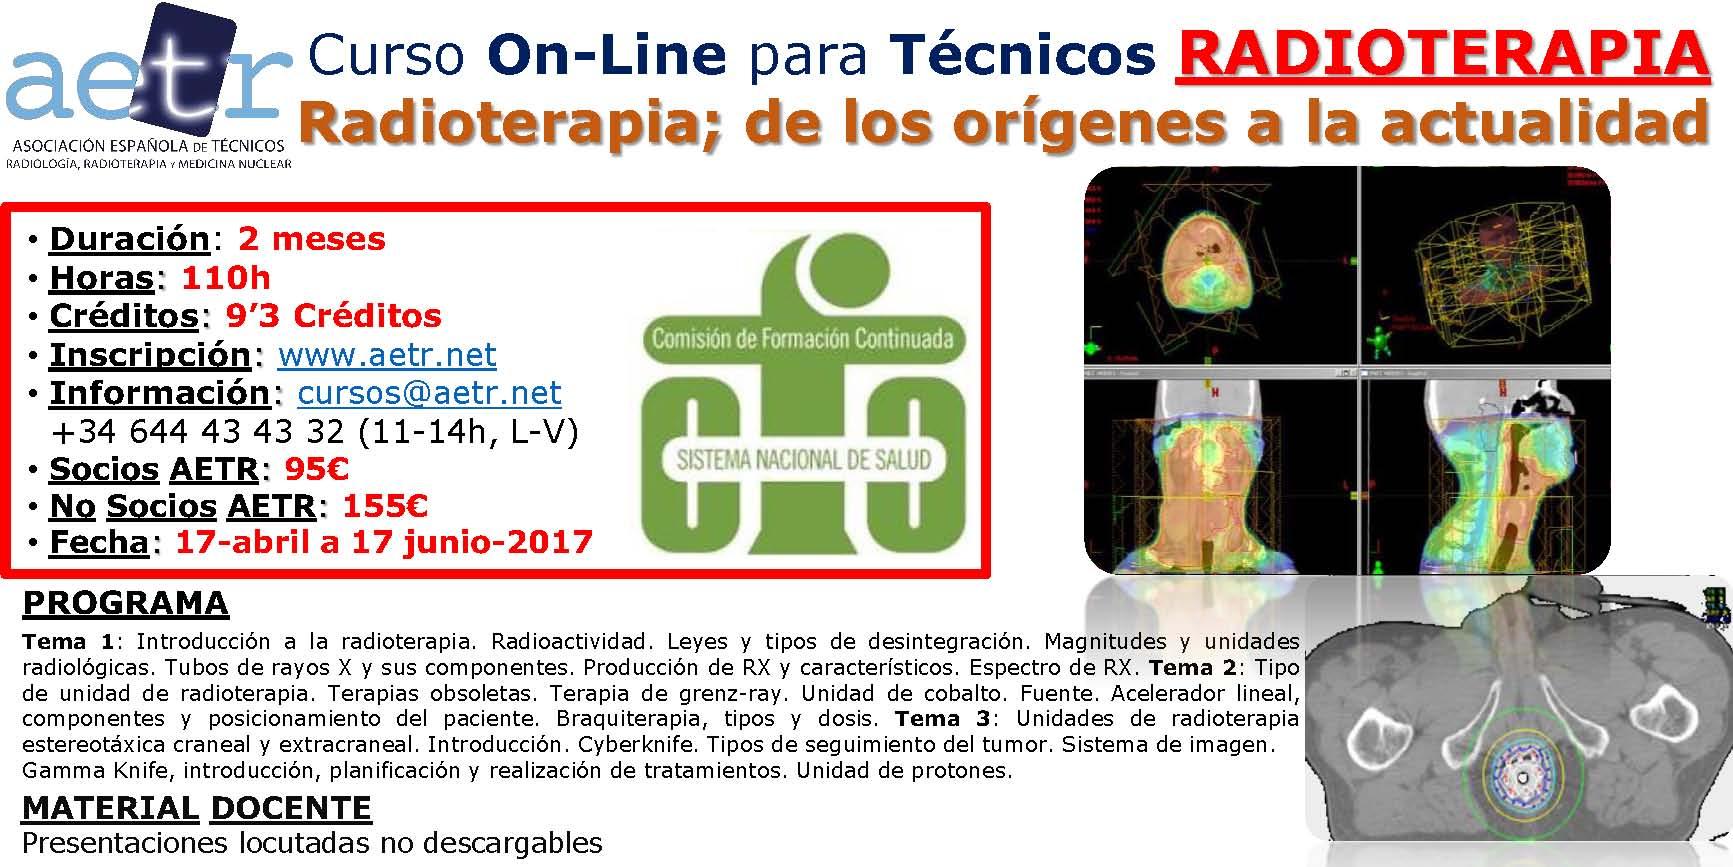 Radioterapia; de los orígenes a la actualidad